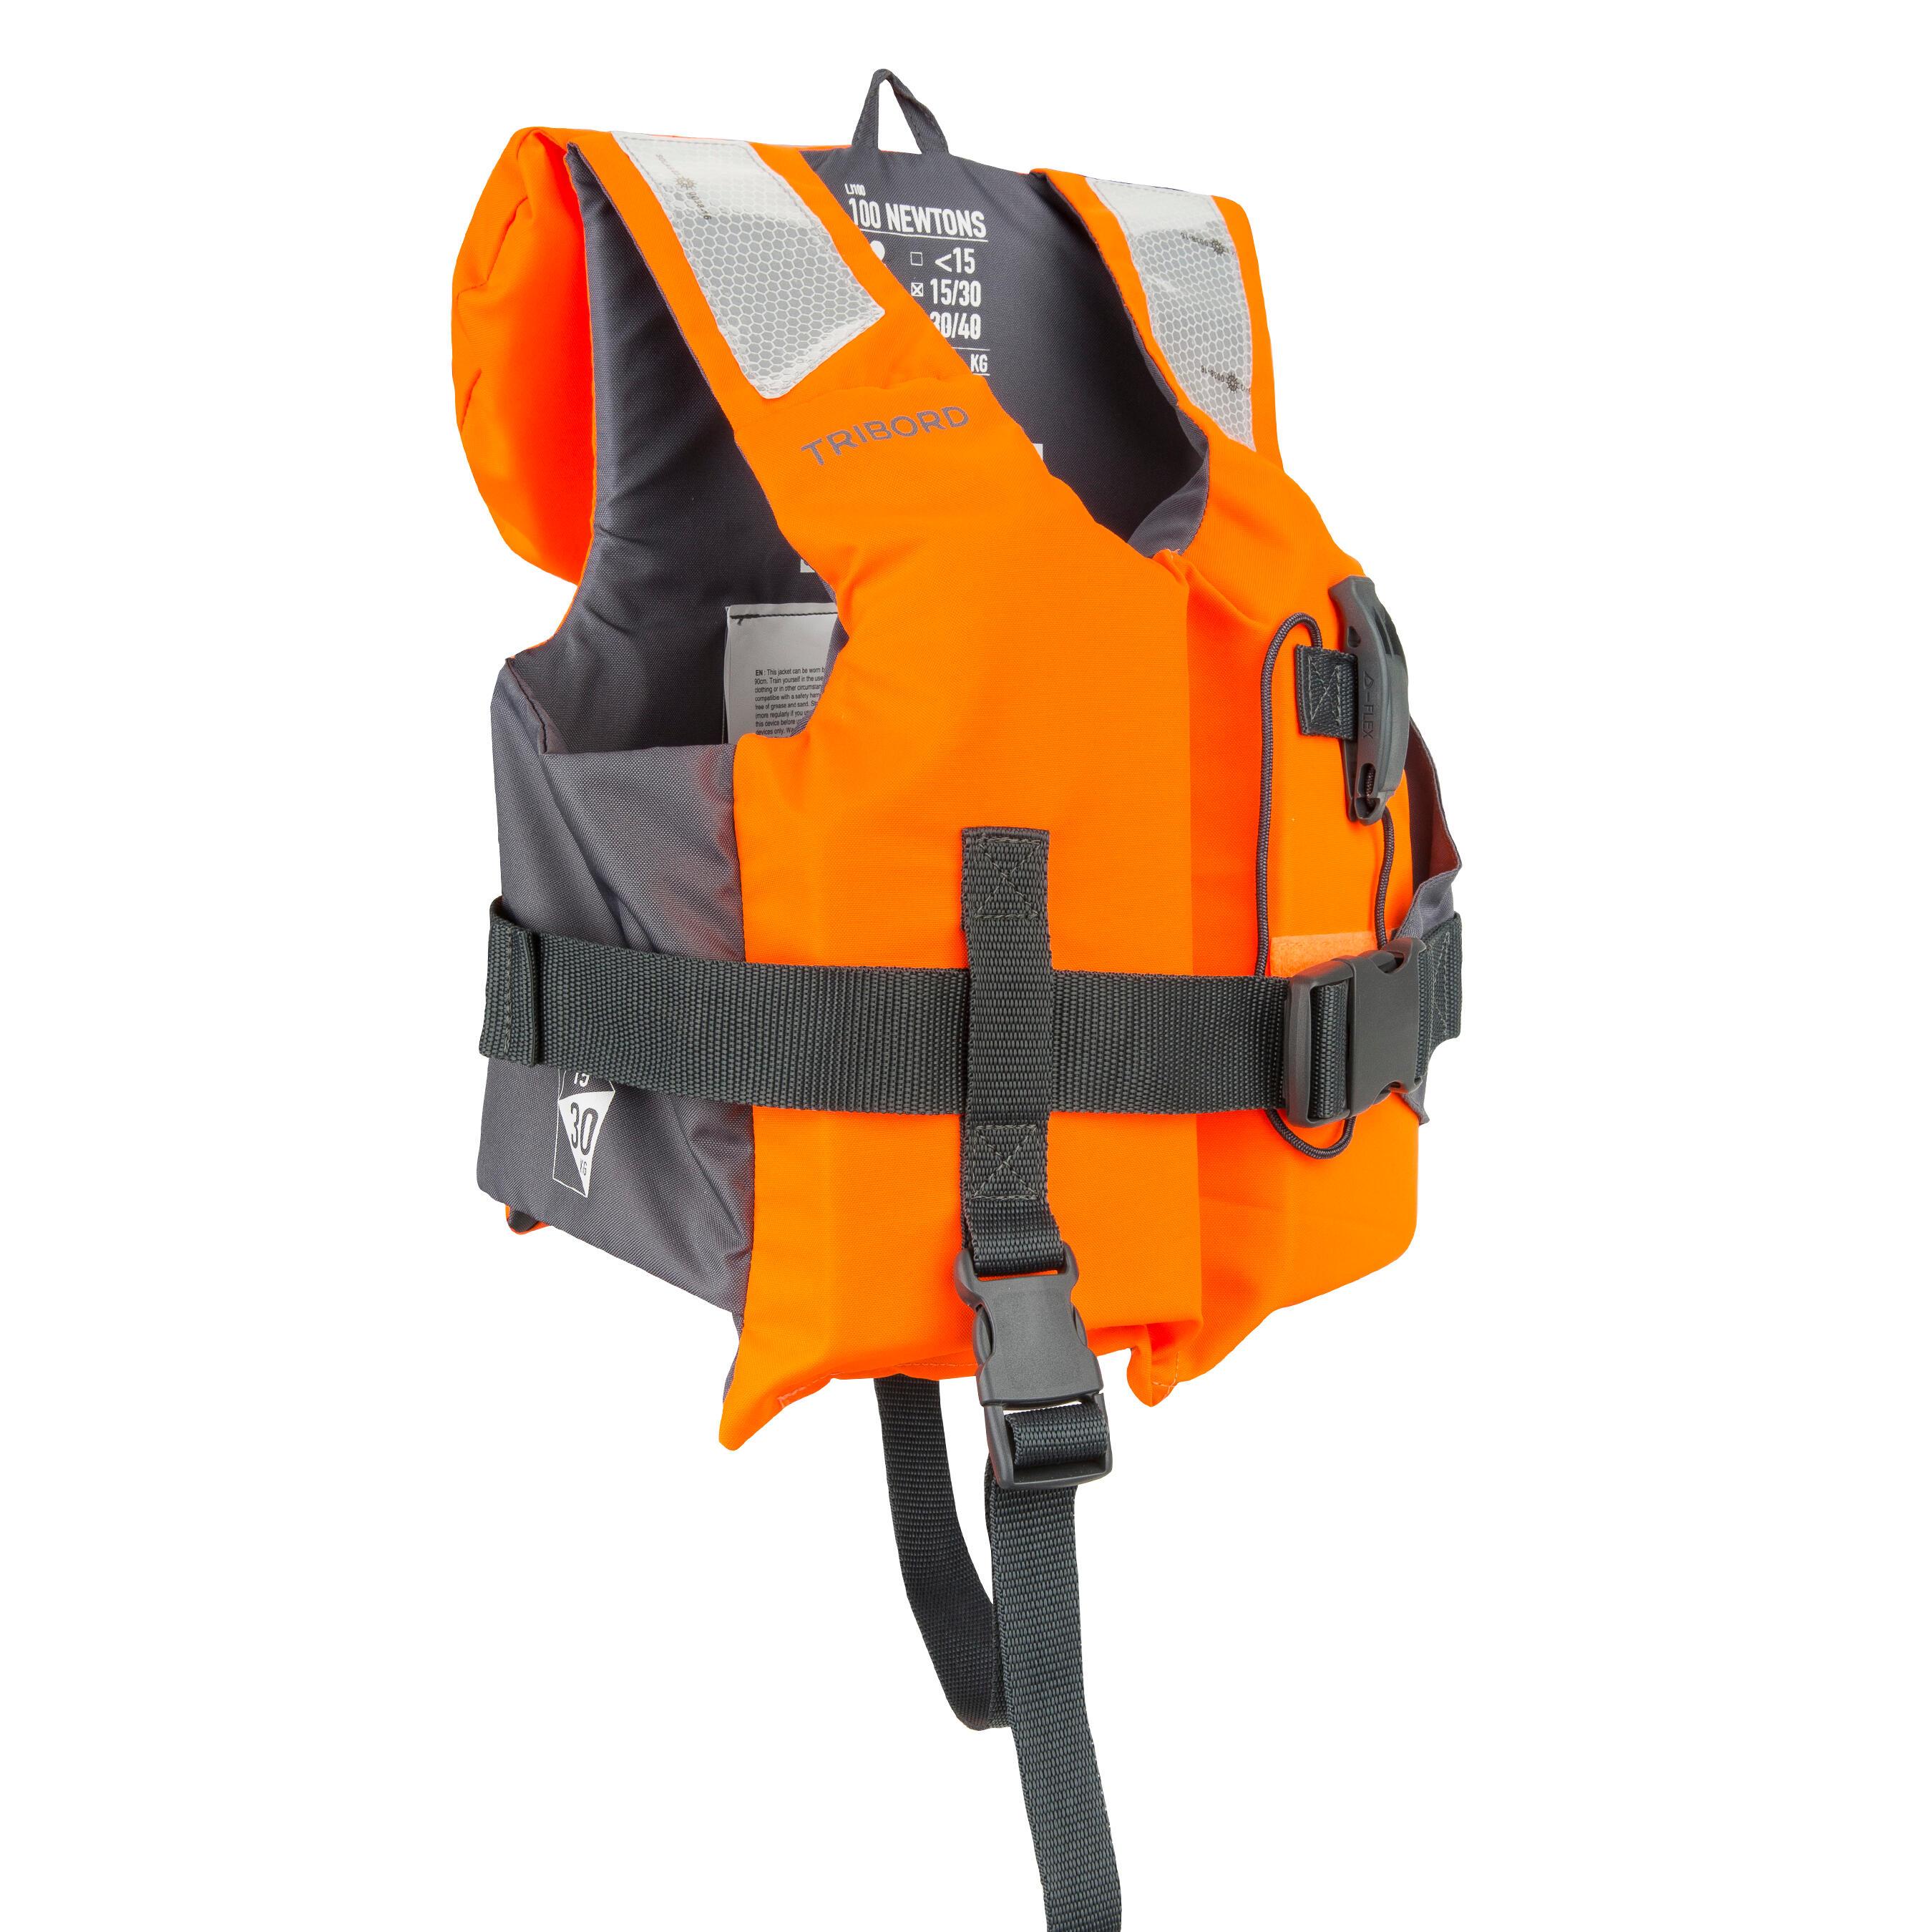 Gilet de sauvetage mousse enfant LJ 100N FACILE orange/gris